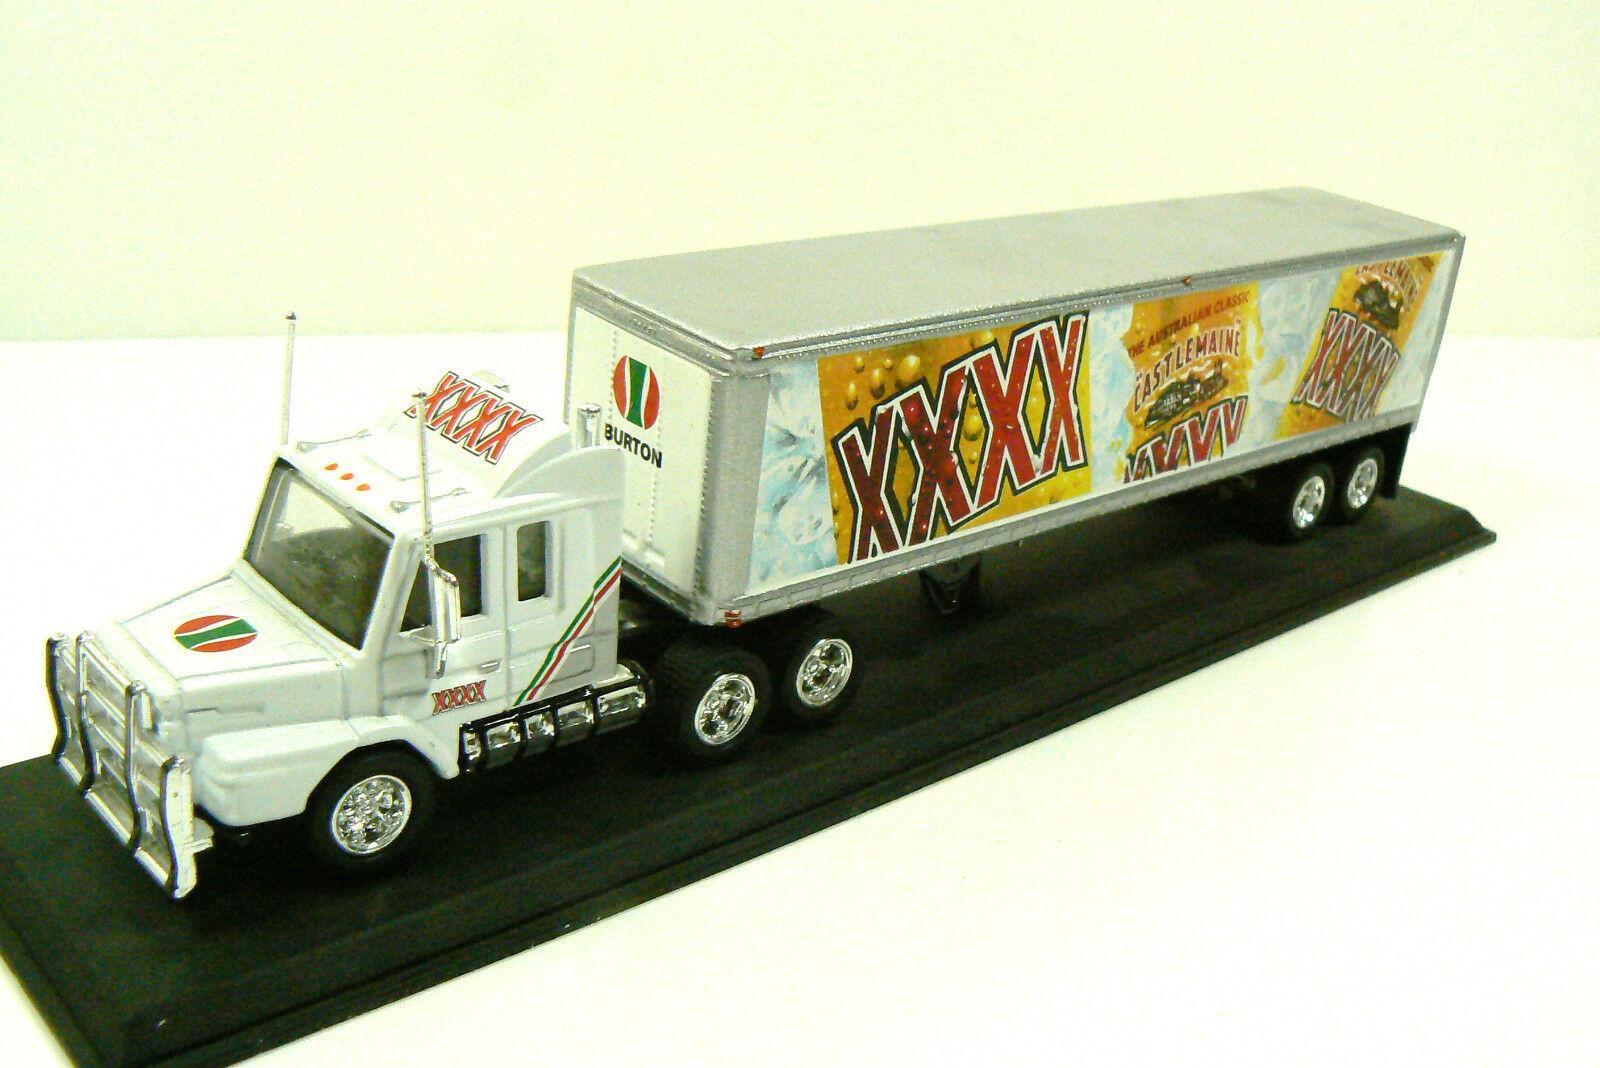 Matchbox Castlemaine Xxxx Scania Camión Trucktor Remolque Modelo 1 100 Réplica